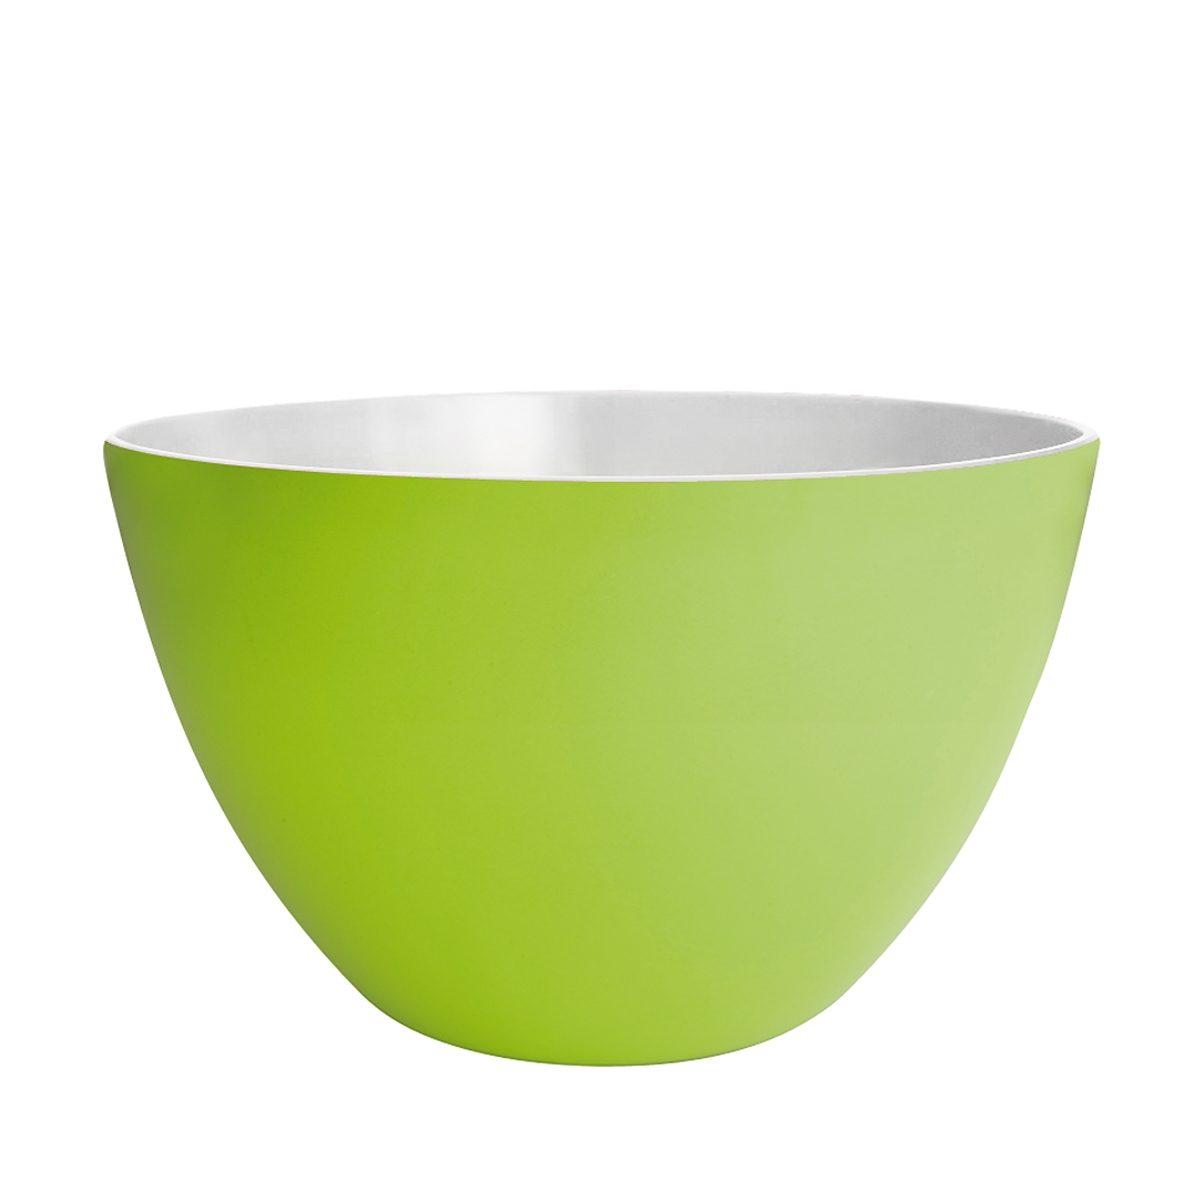 ZAK designs Zak designs Schüssel DUO 22cm grün-weiß